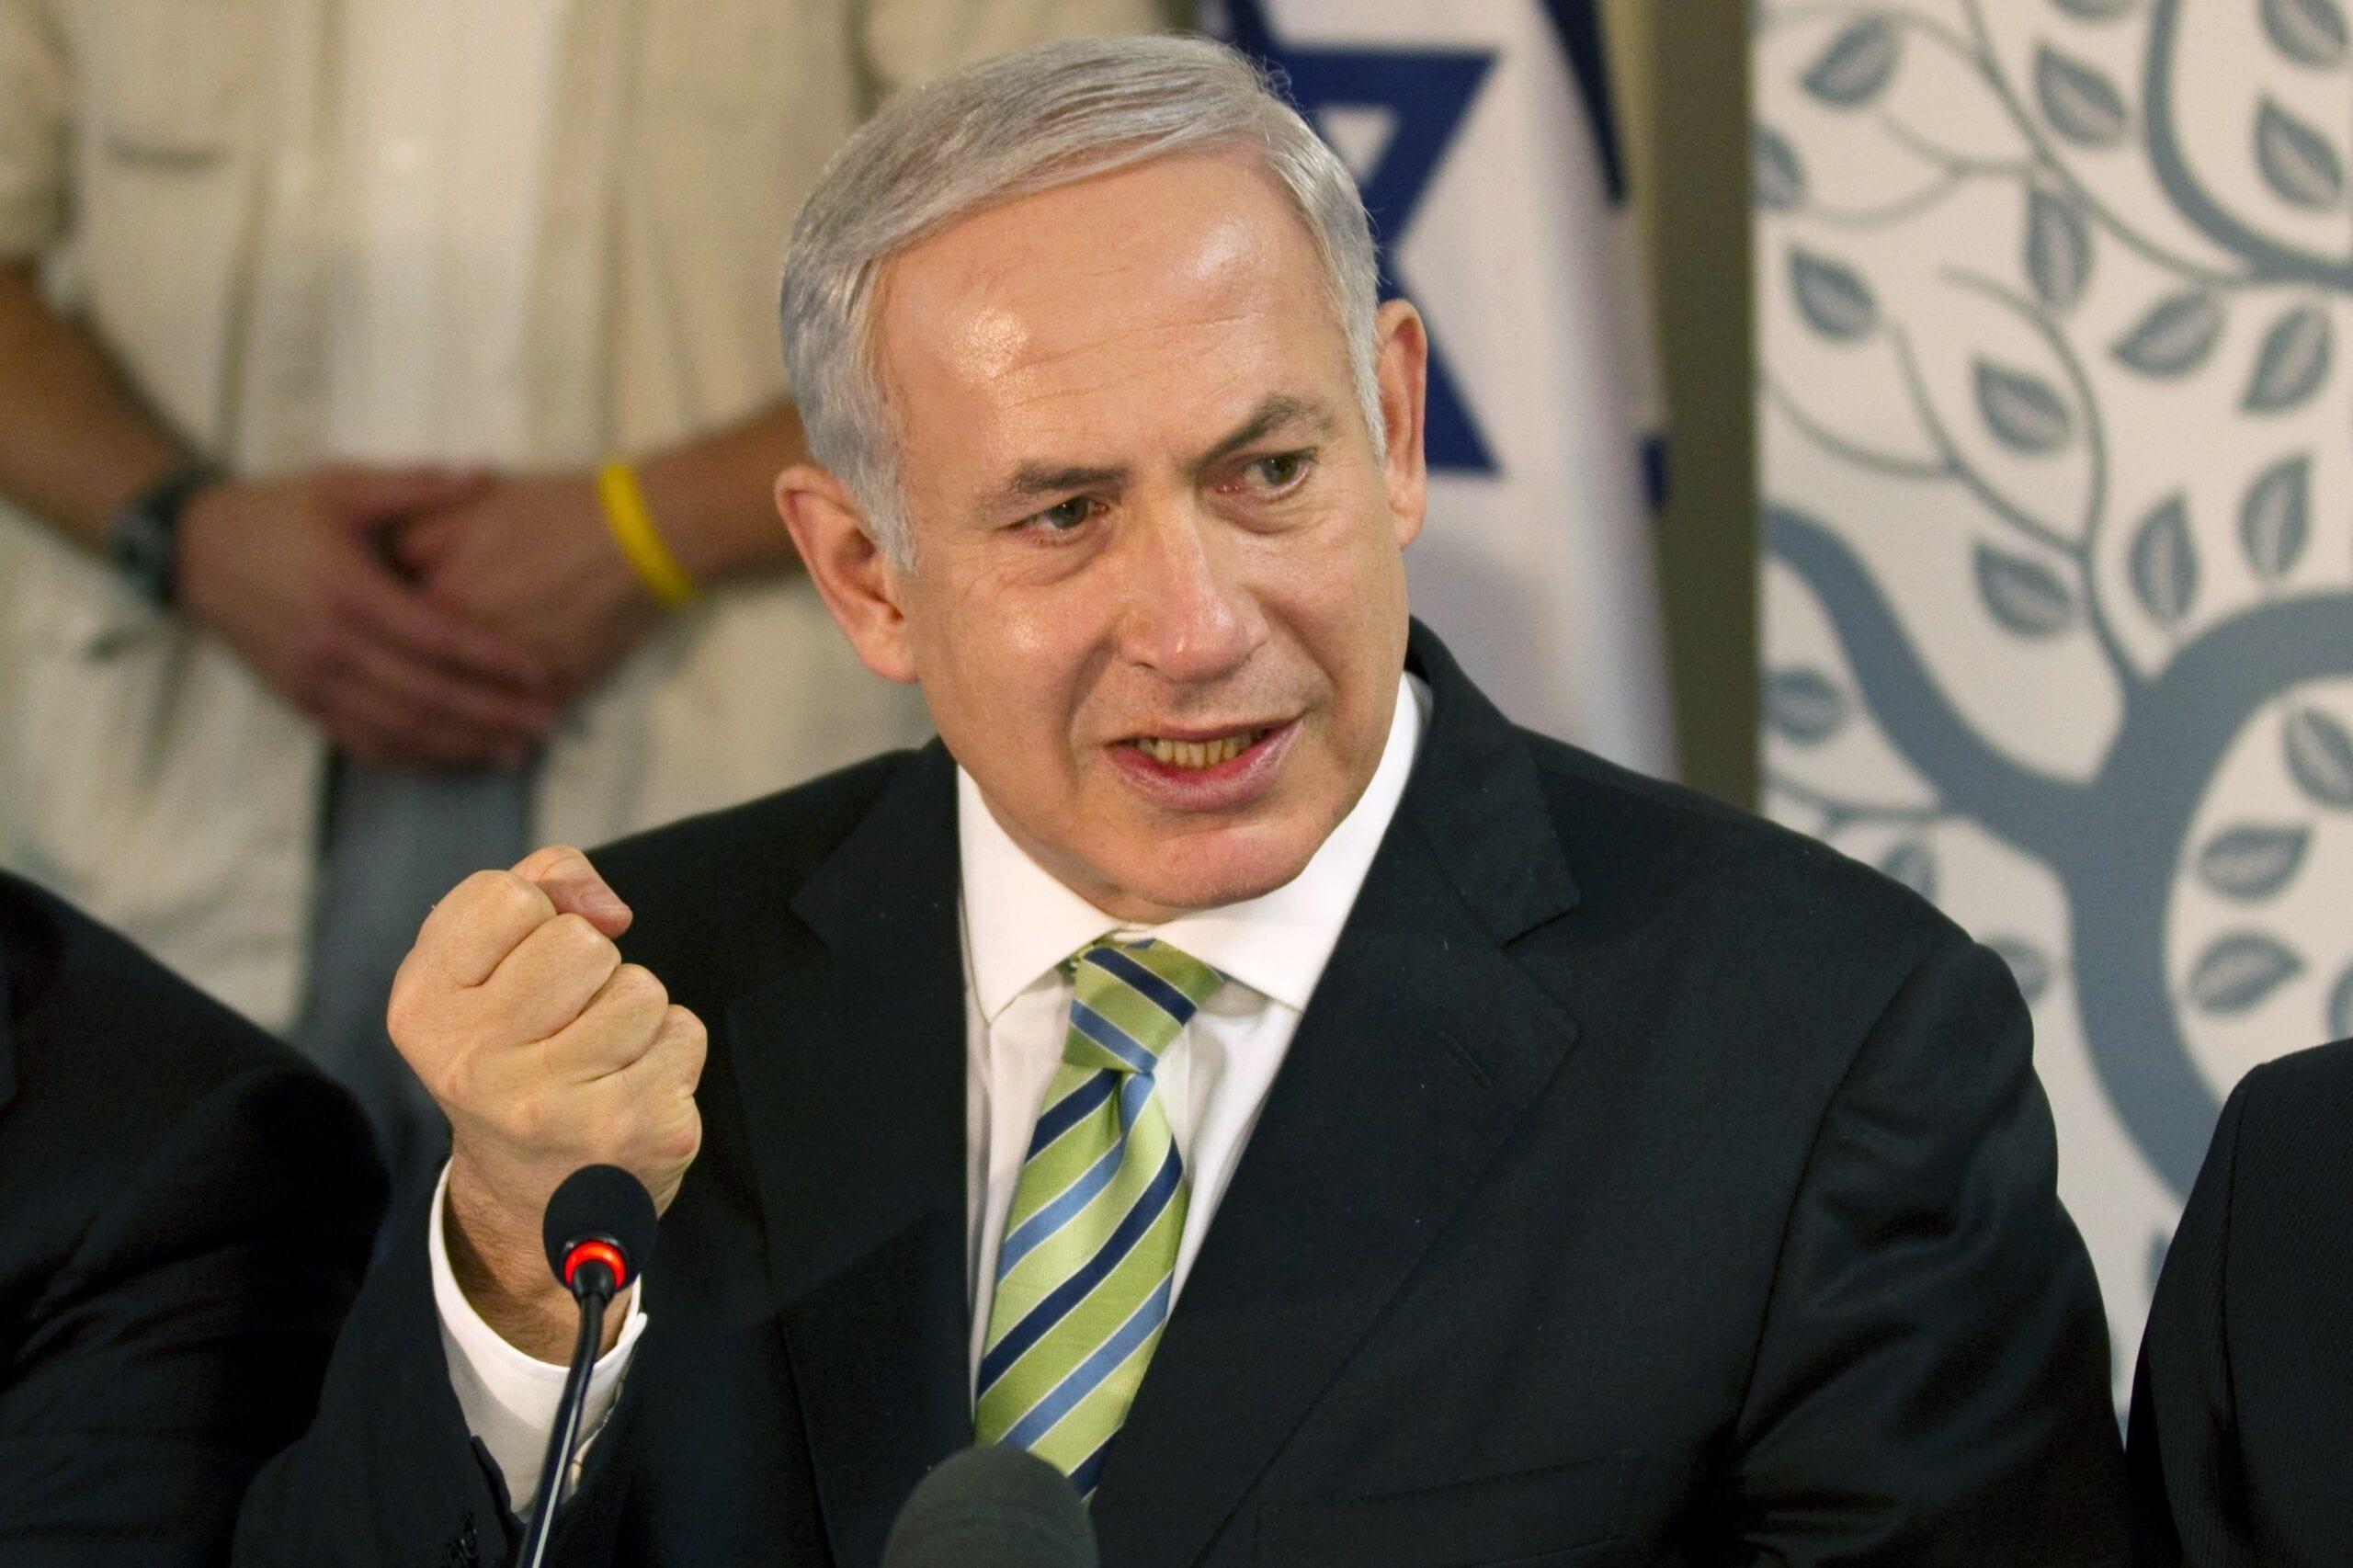 الأحزاب اليمينية نتنياهو حكومة الاحتلال الجديدة- نتنياهو وحركة حماس